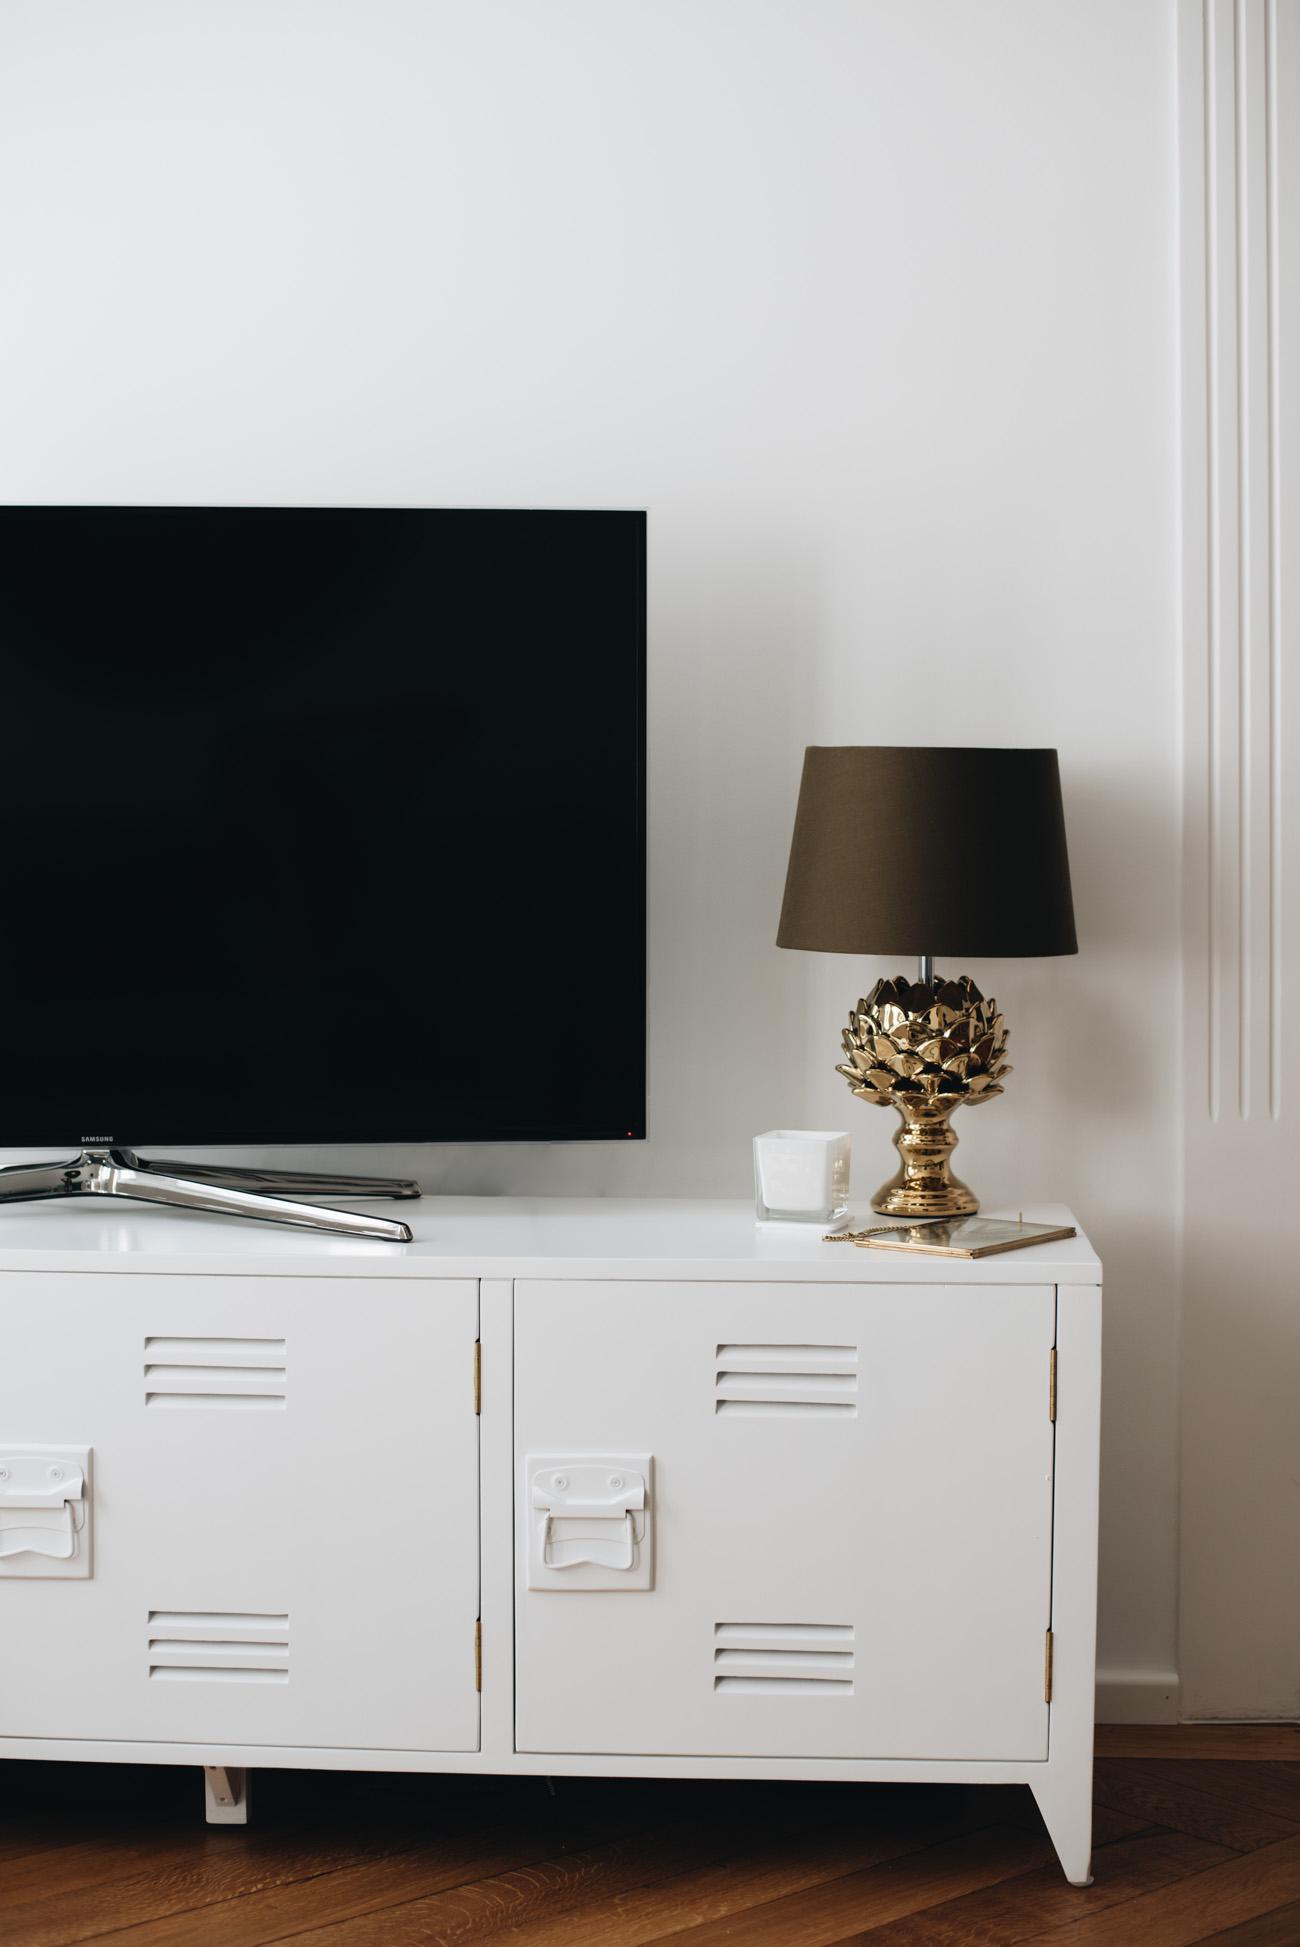 wohnzimmer-einrichten-trend-samt-mormortisch-weiß-schwarz-nina-schwichtenberg-fashiioncarpet